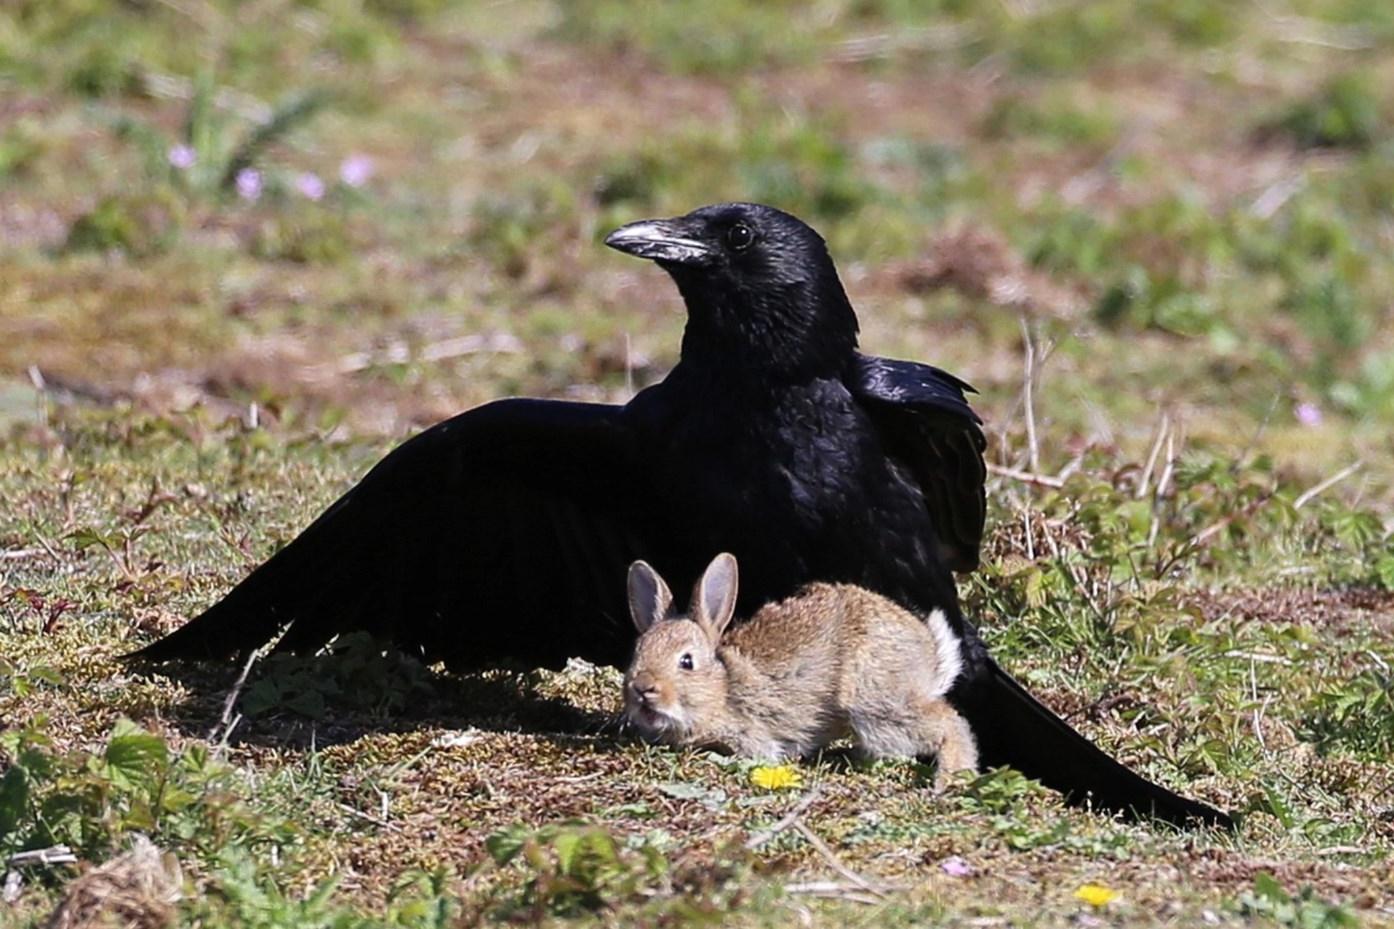 É corvo ou coelho? Imagem confusa está dividindo as opiniões na internet